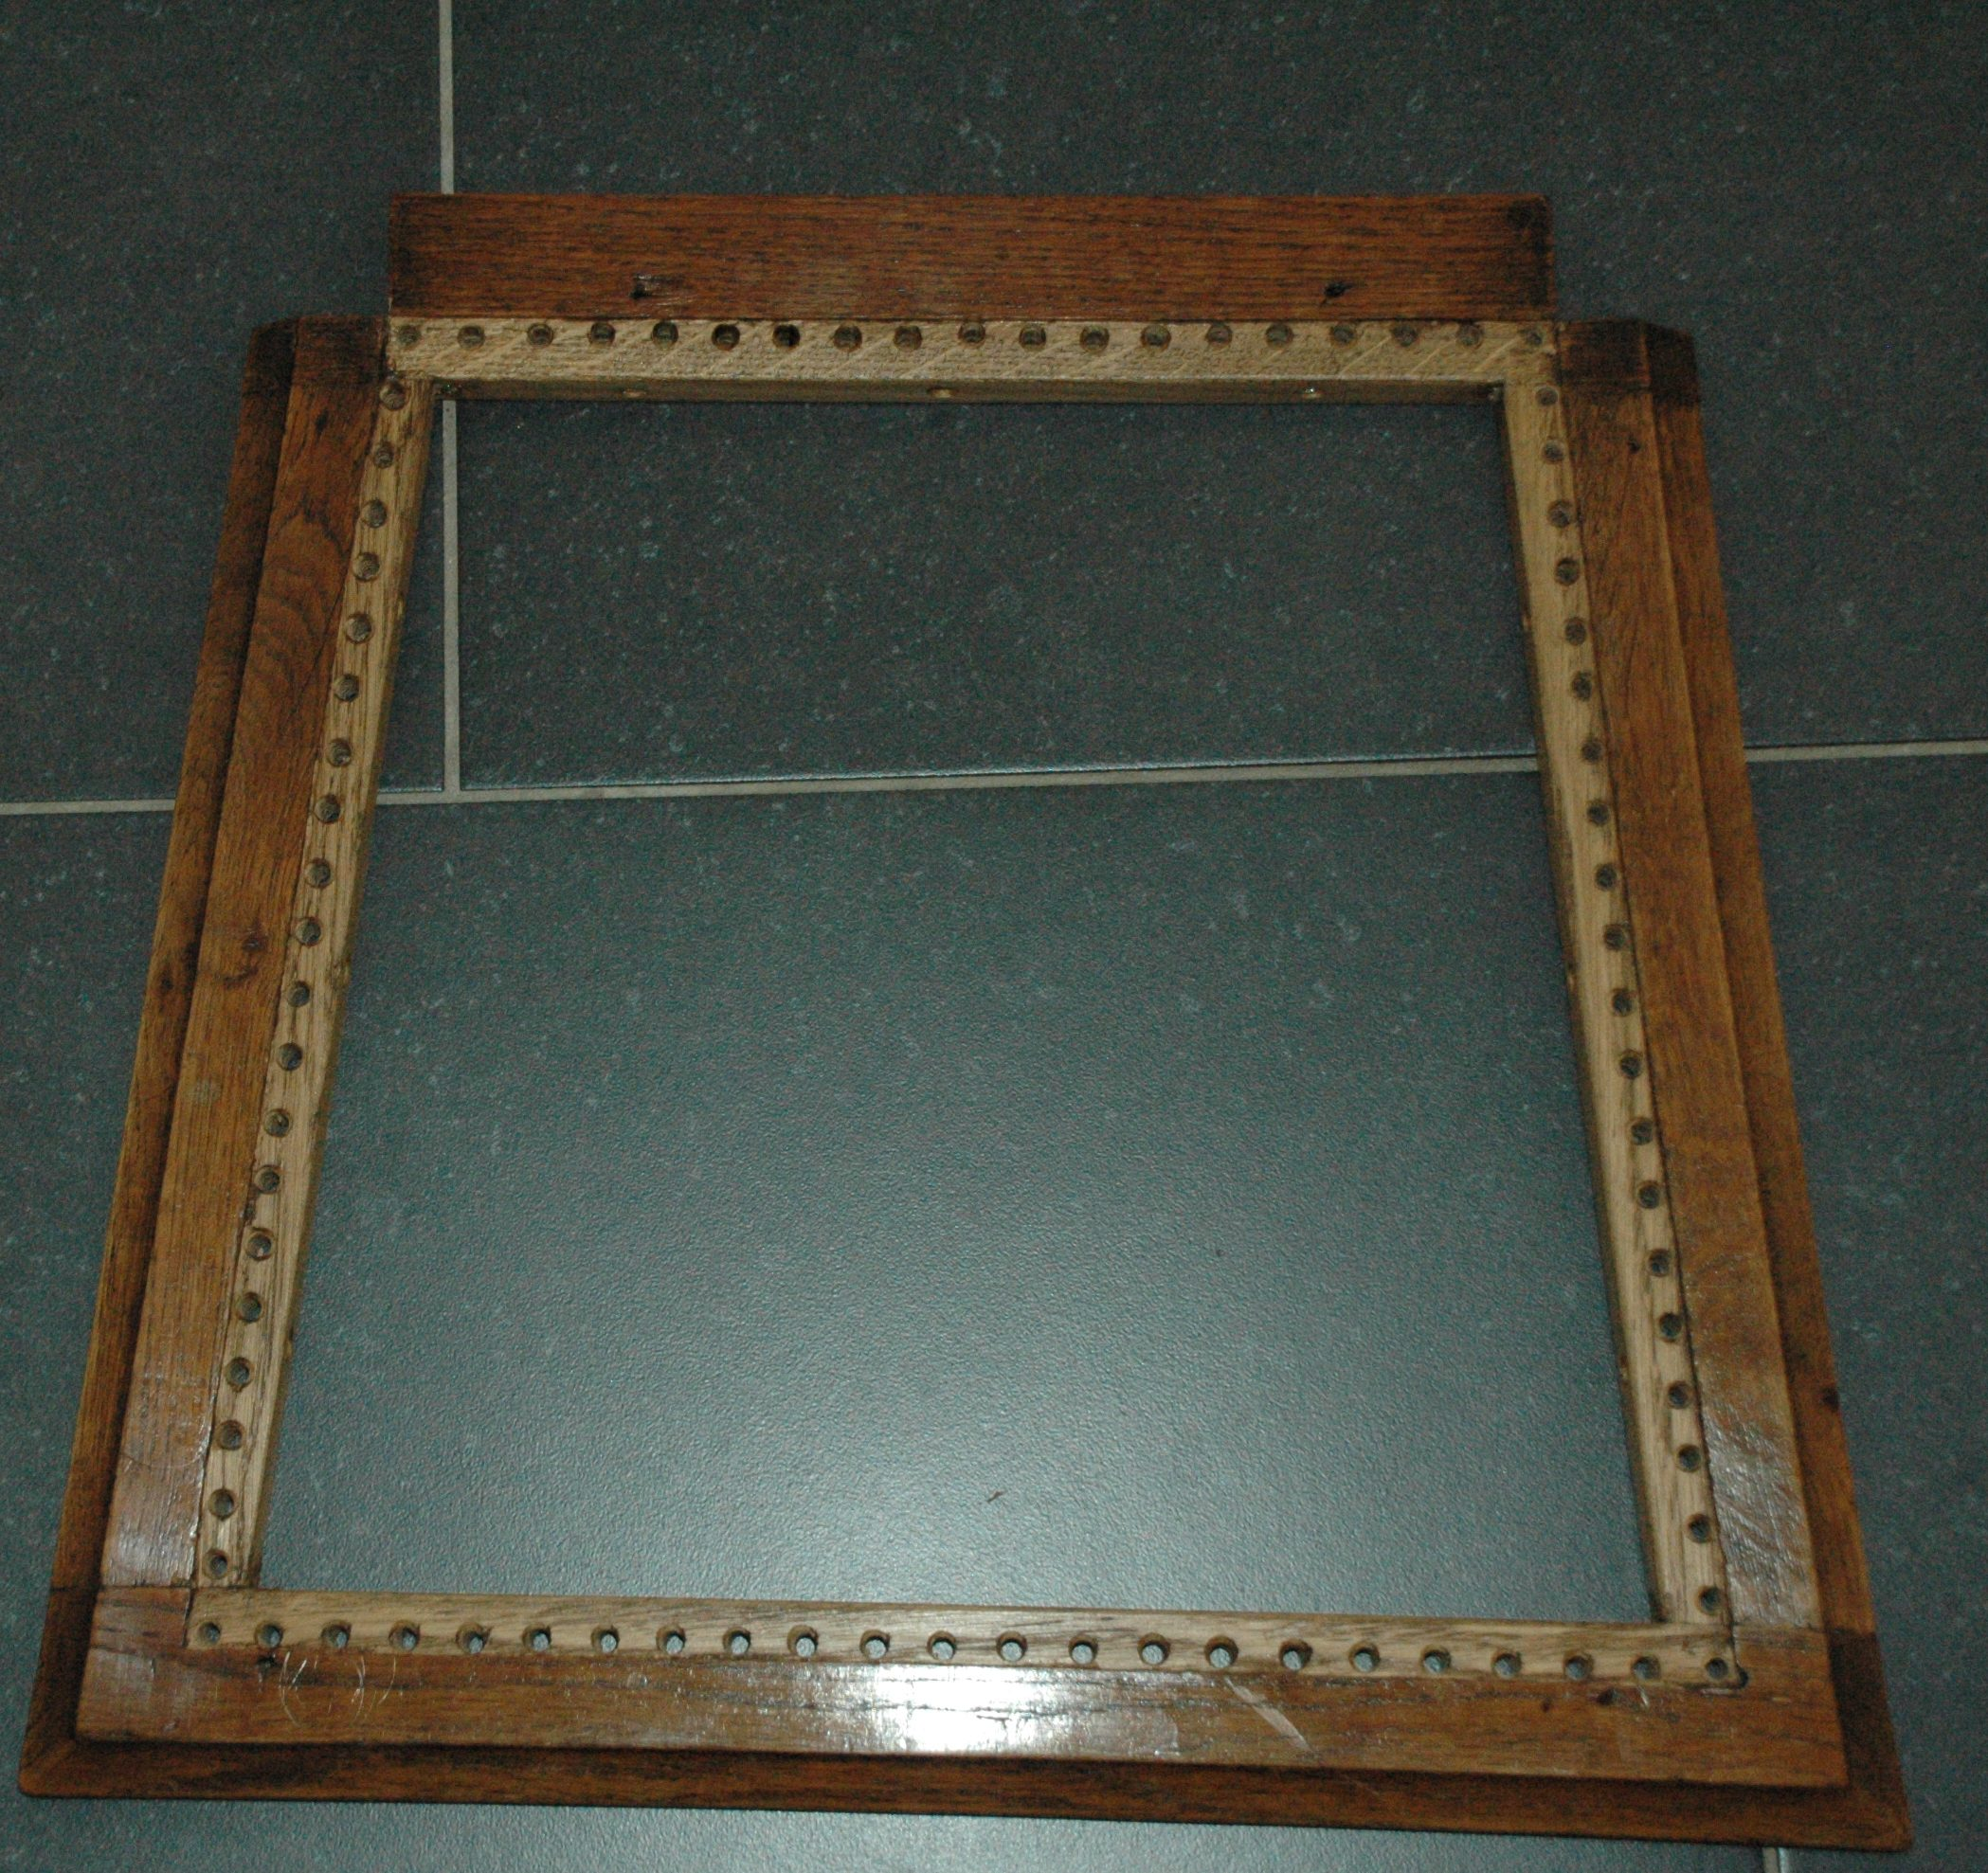 nieuw frame met gaatjes geplaatst